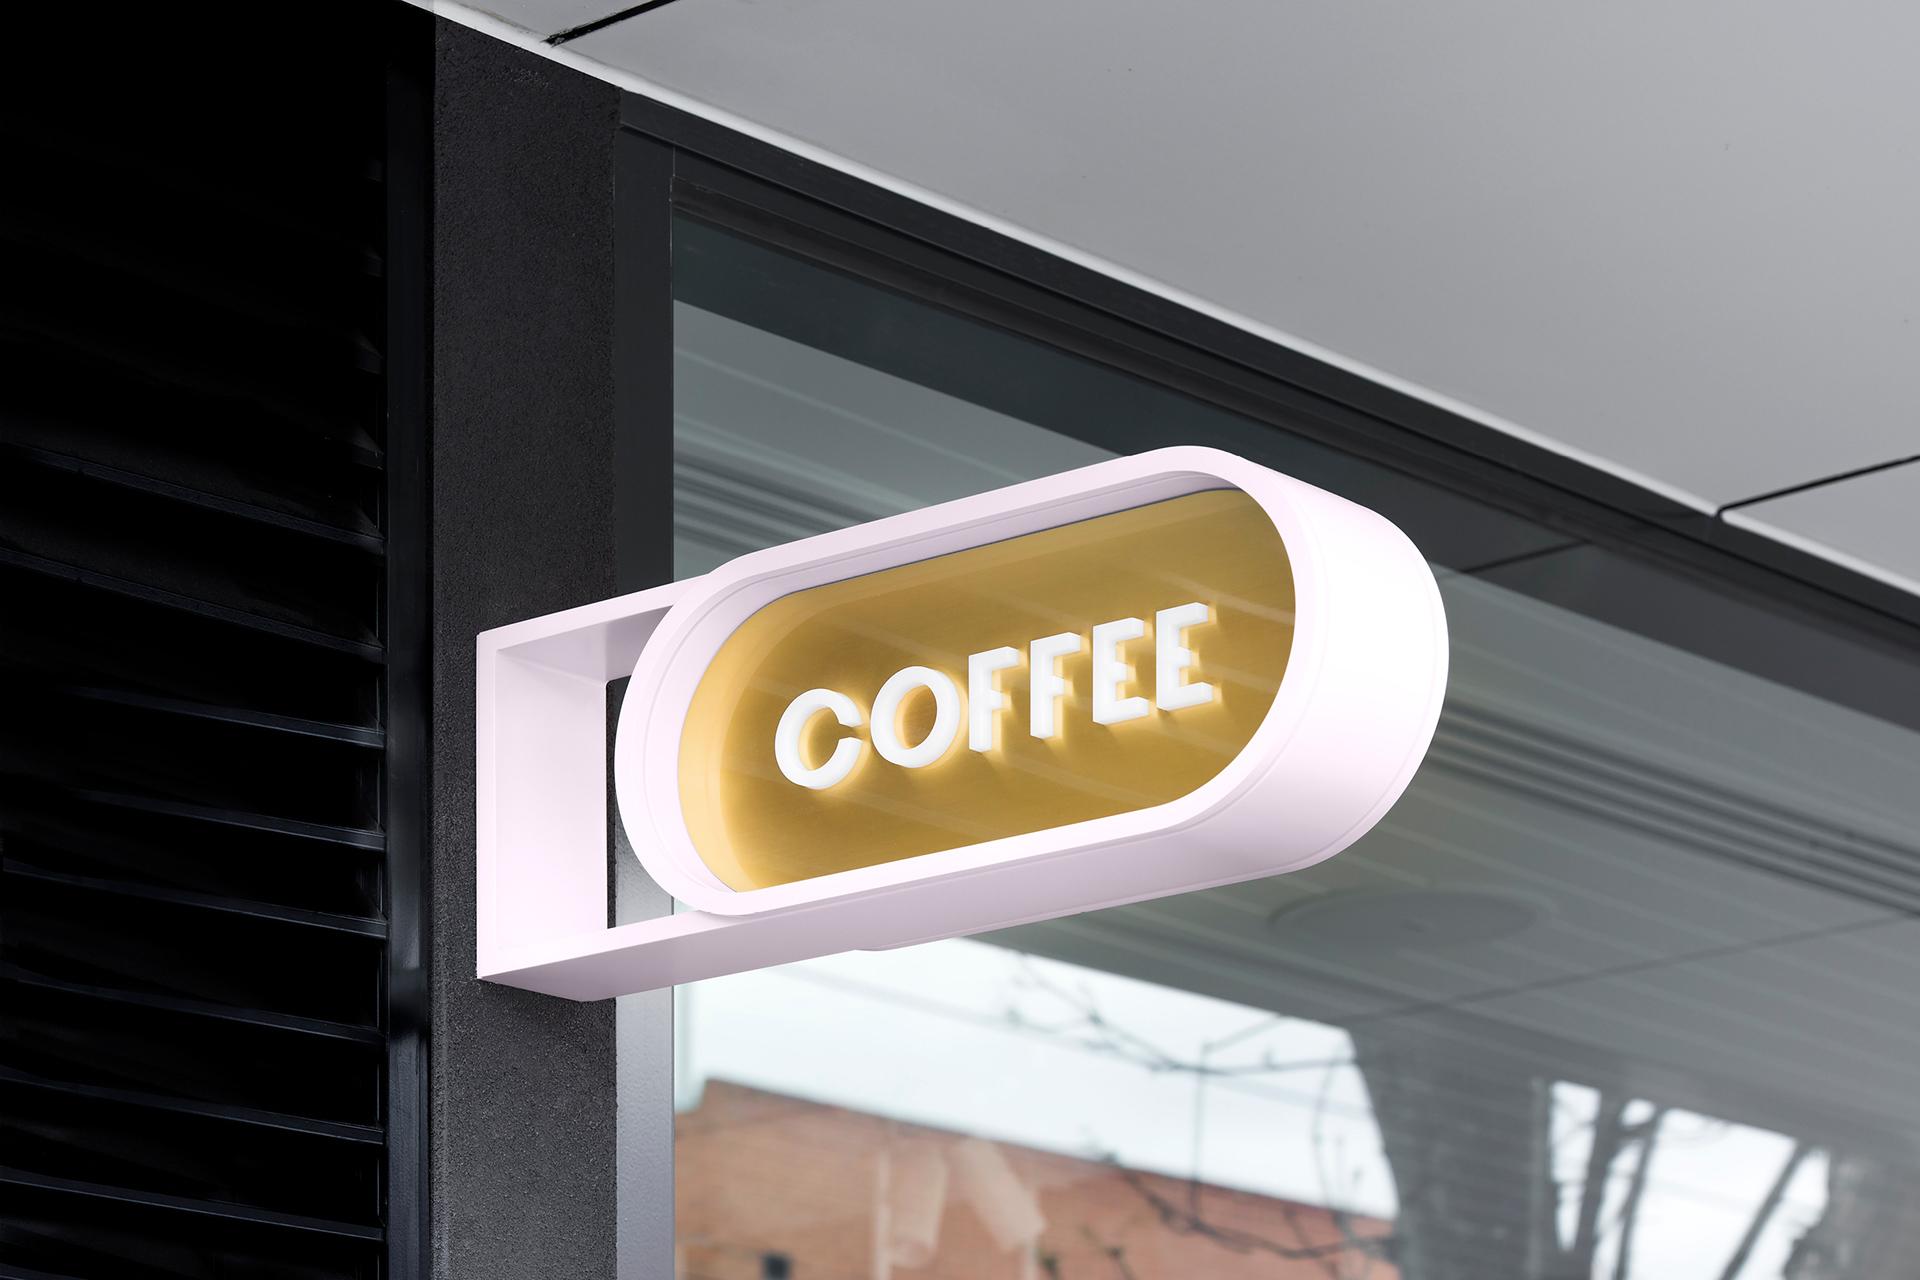 Middletown咖啡馆形象设计 欣赏-第3张